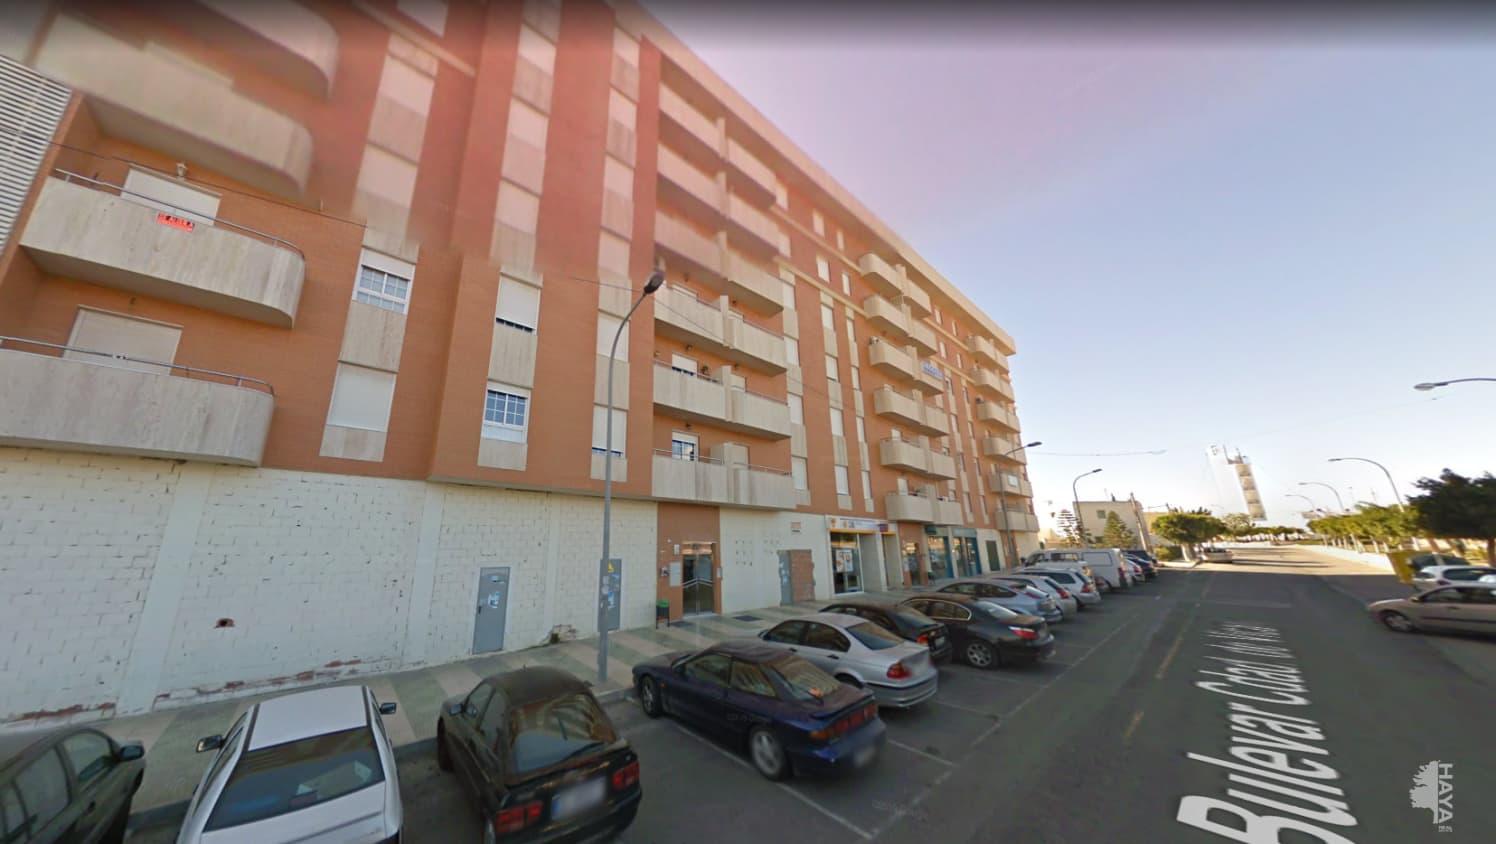 Piso en venta en La Puebla de Vícar, Vícar, Almería, Calle Bulevar Ciudad de Vicar, 64.723 €, 3 habitaciones, 2 baños, 99 m2